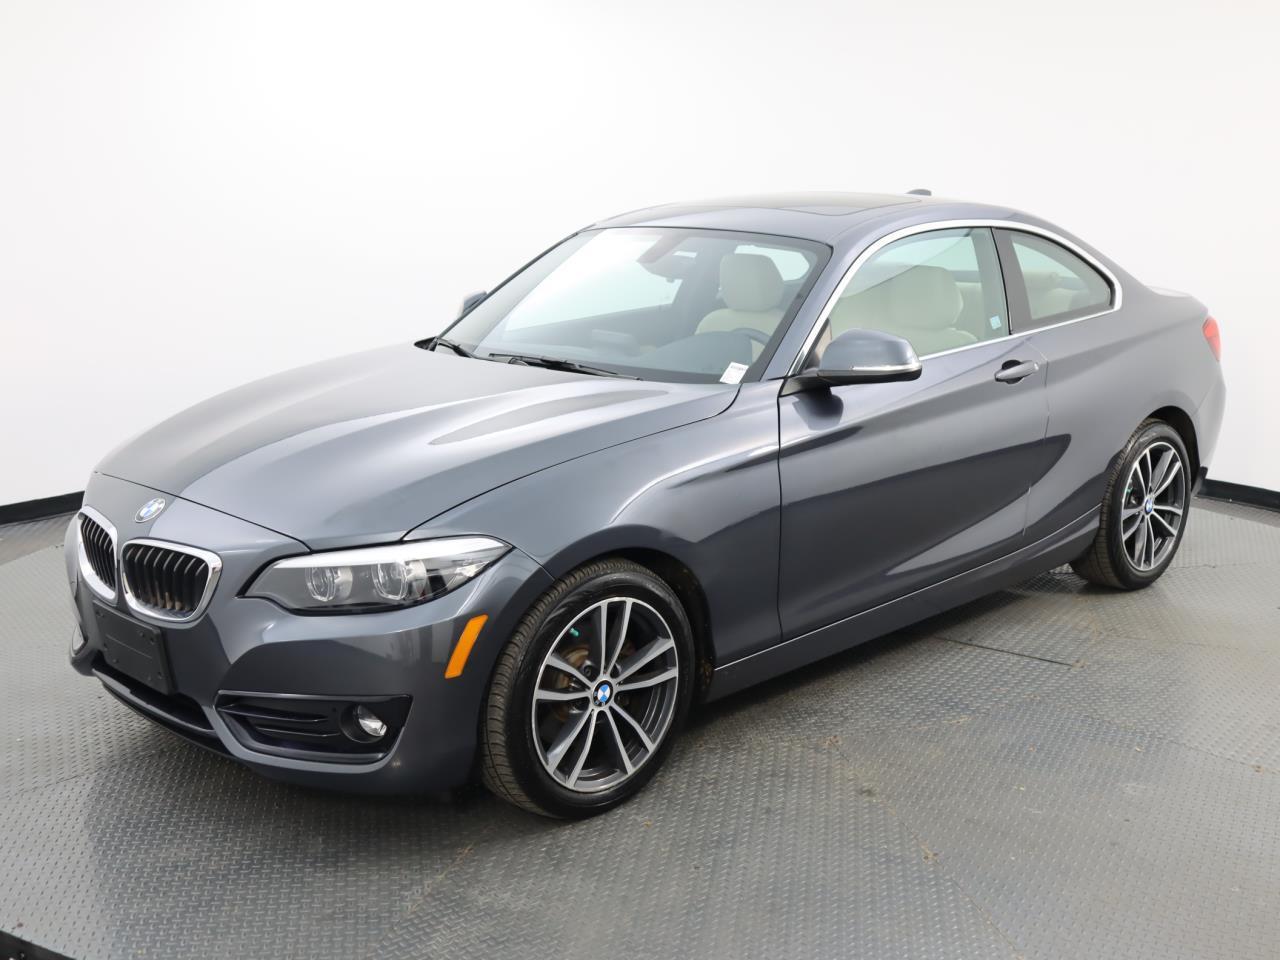 Used BMW 2-SERIES 2018 MARGATE 230I XDRIVE